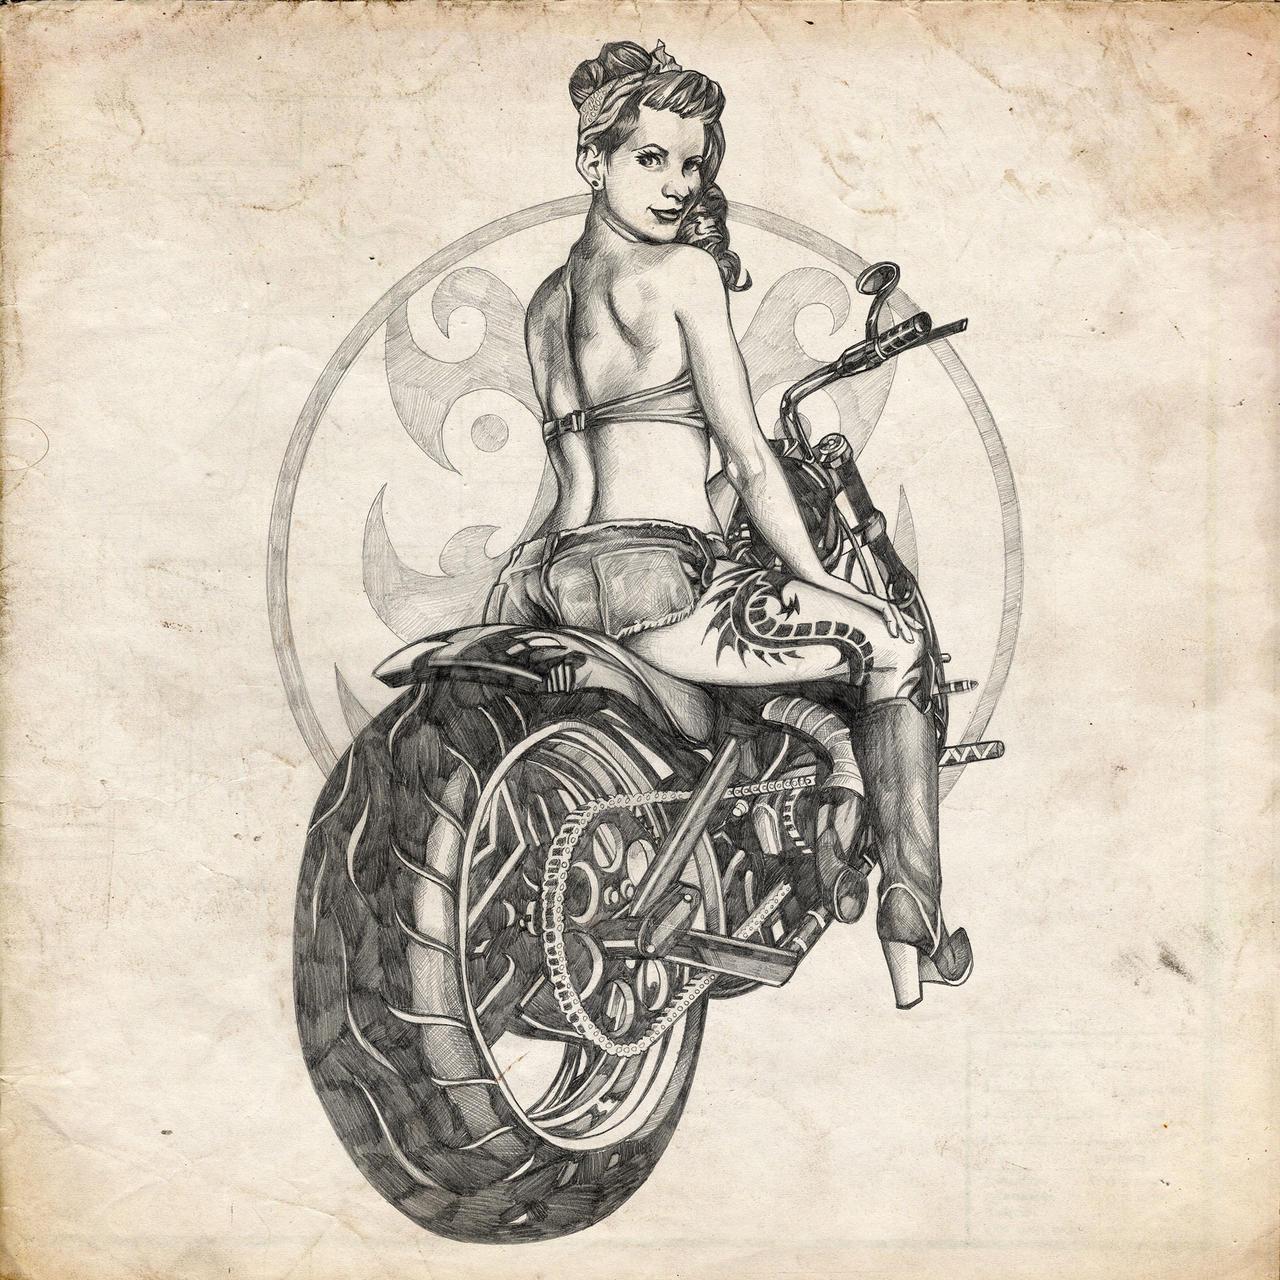 Pin up motorcycle line art jpg - Motorcycle Pinup Girl Sketch By Benke33 Motorcycle Pinup Girl Sketch By Benke33